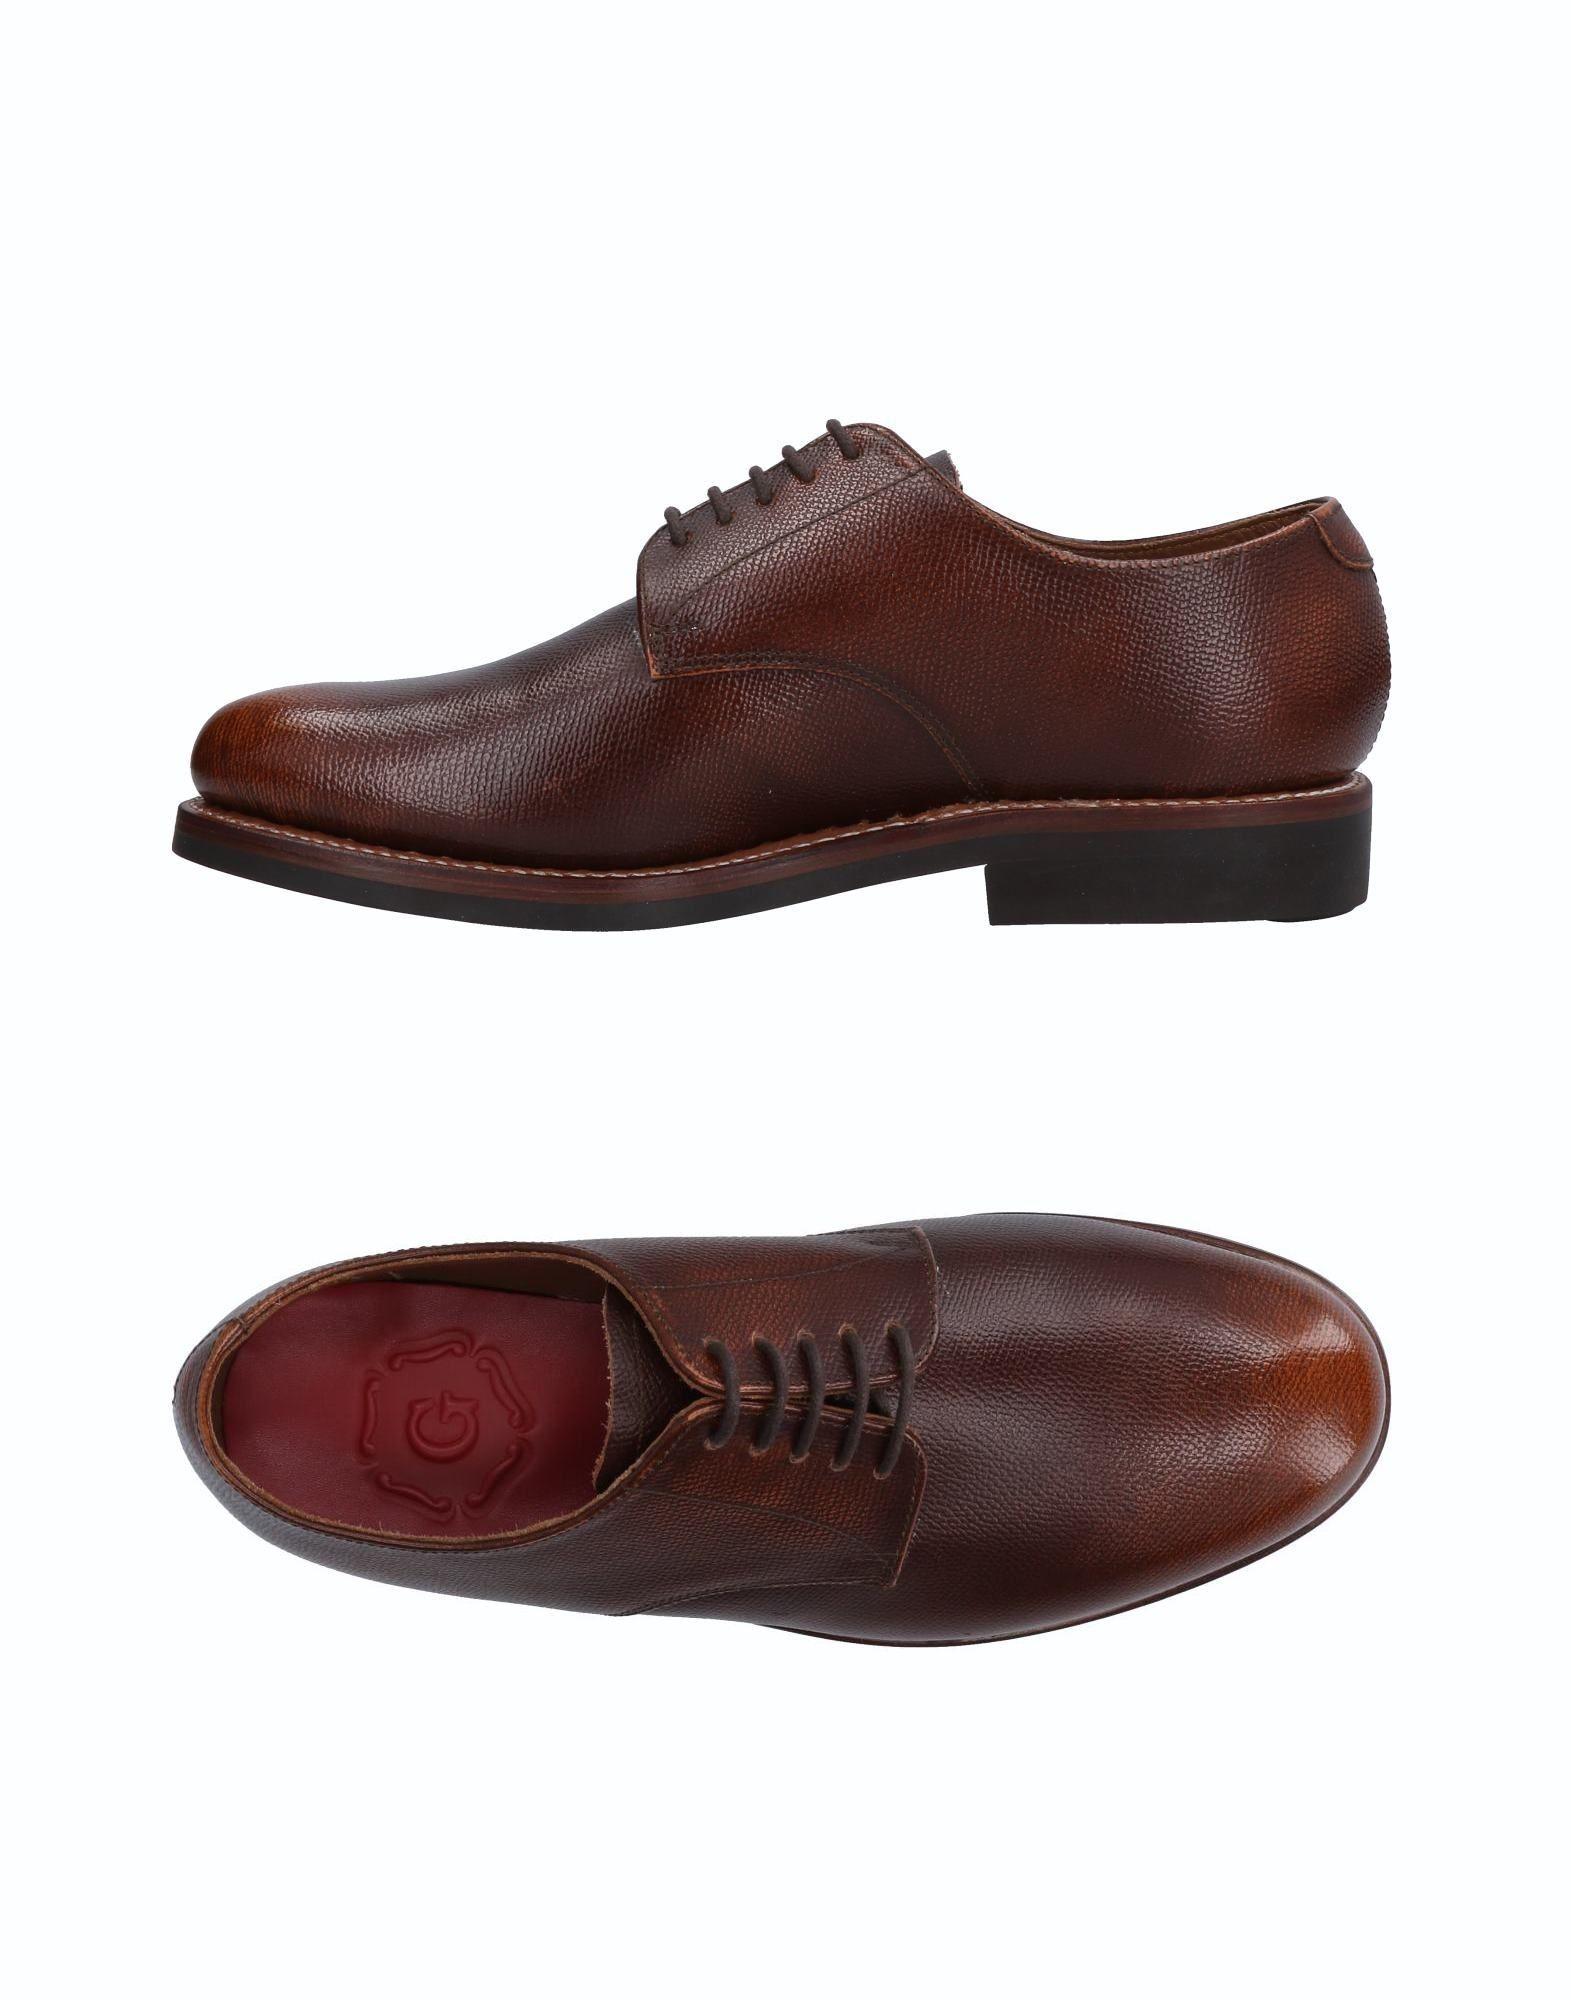 Gran De descuento  Zapato De Gran Cordones Grson Hombre - Zapatos De Cordones Grson 3d968f